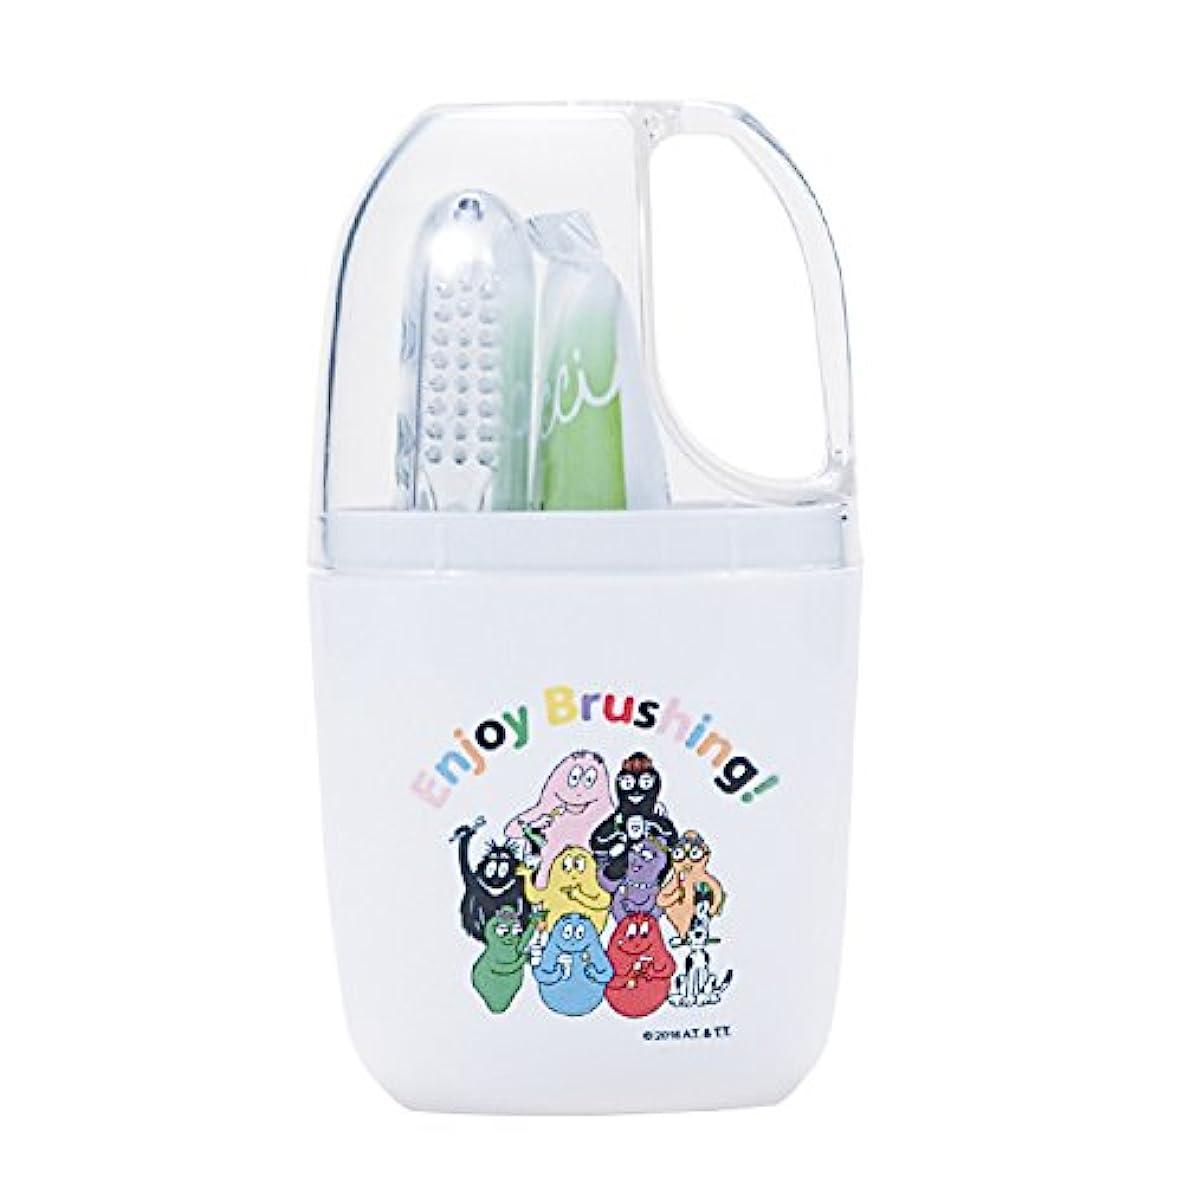 サーカス定数オッズCi バーバパパ トラベルセット 歯ブラシ (コップ付きセット)